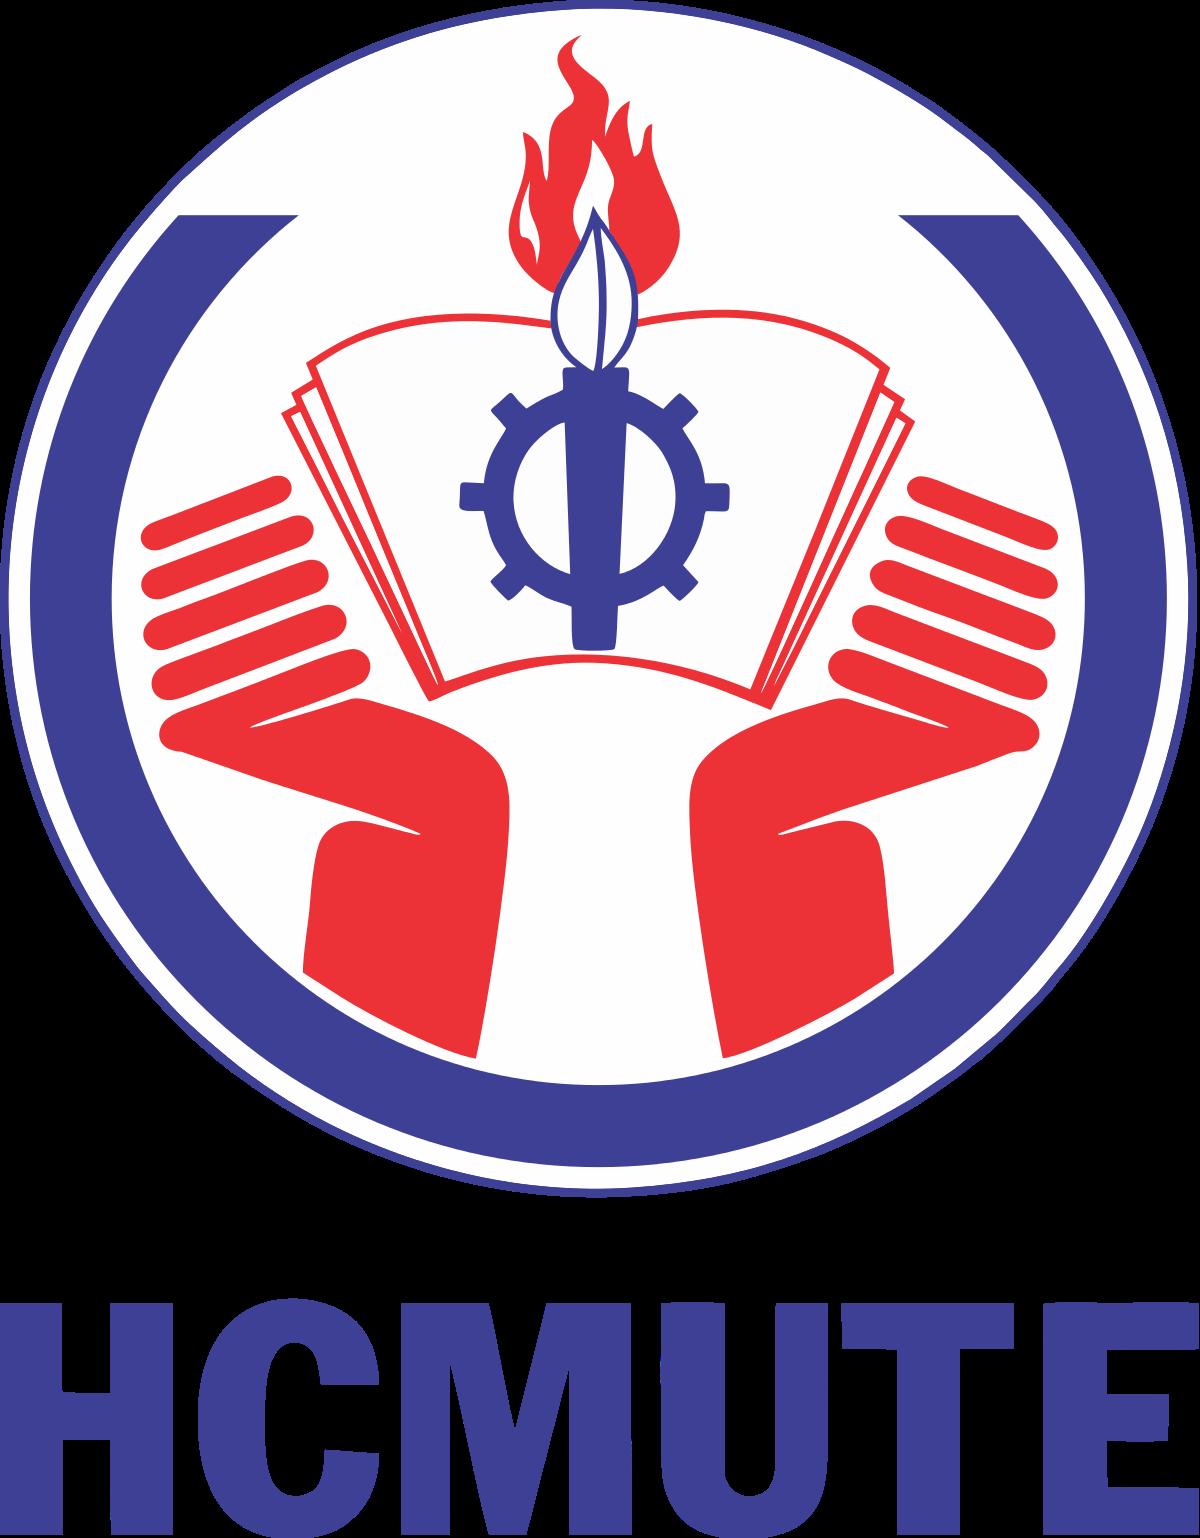 logo spkt Việt nam, Thiết kế logo và Học